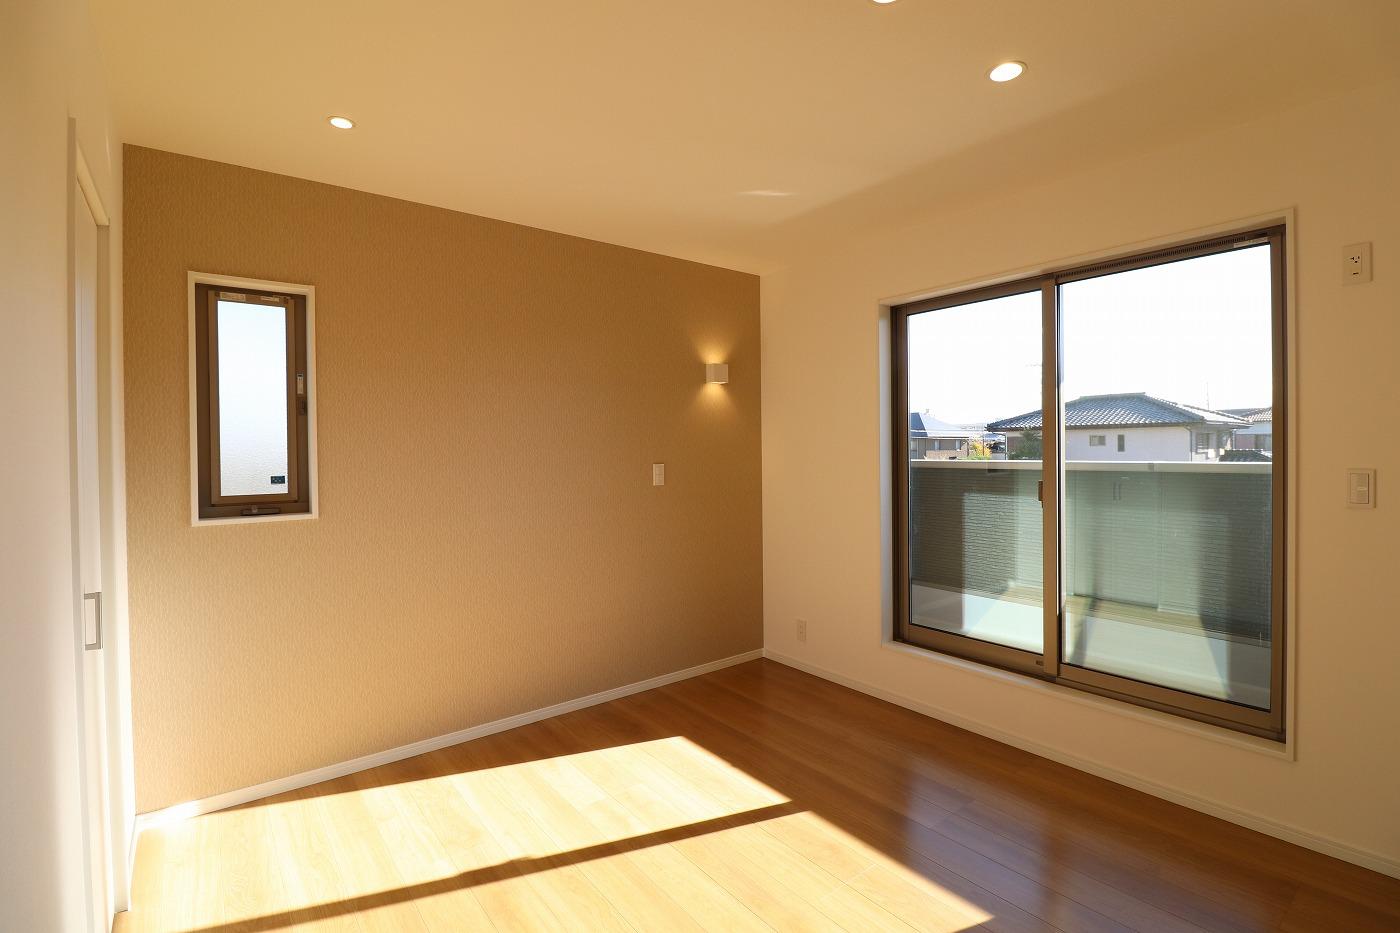 高松市木太町の新築分譲住宅の寝室